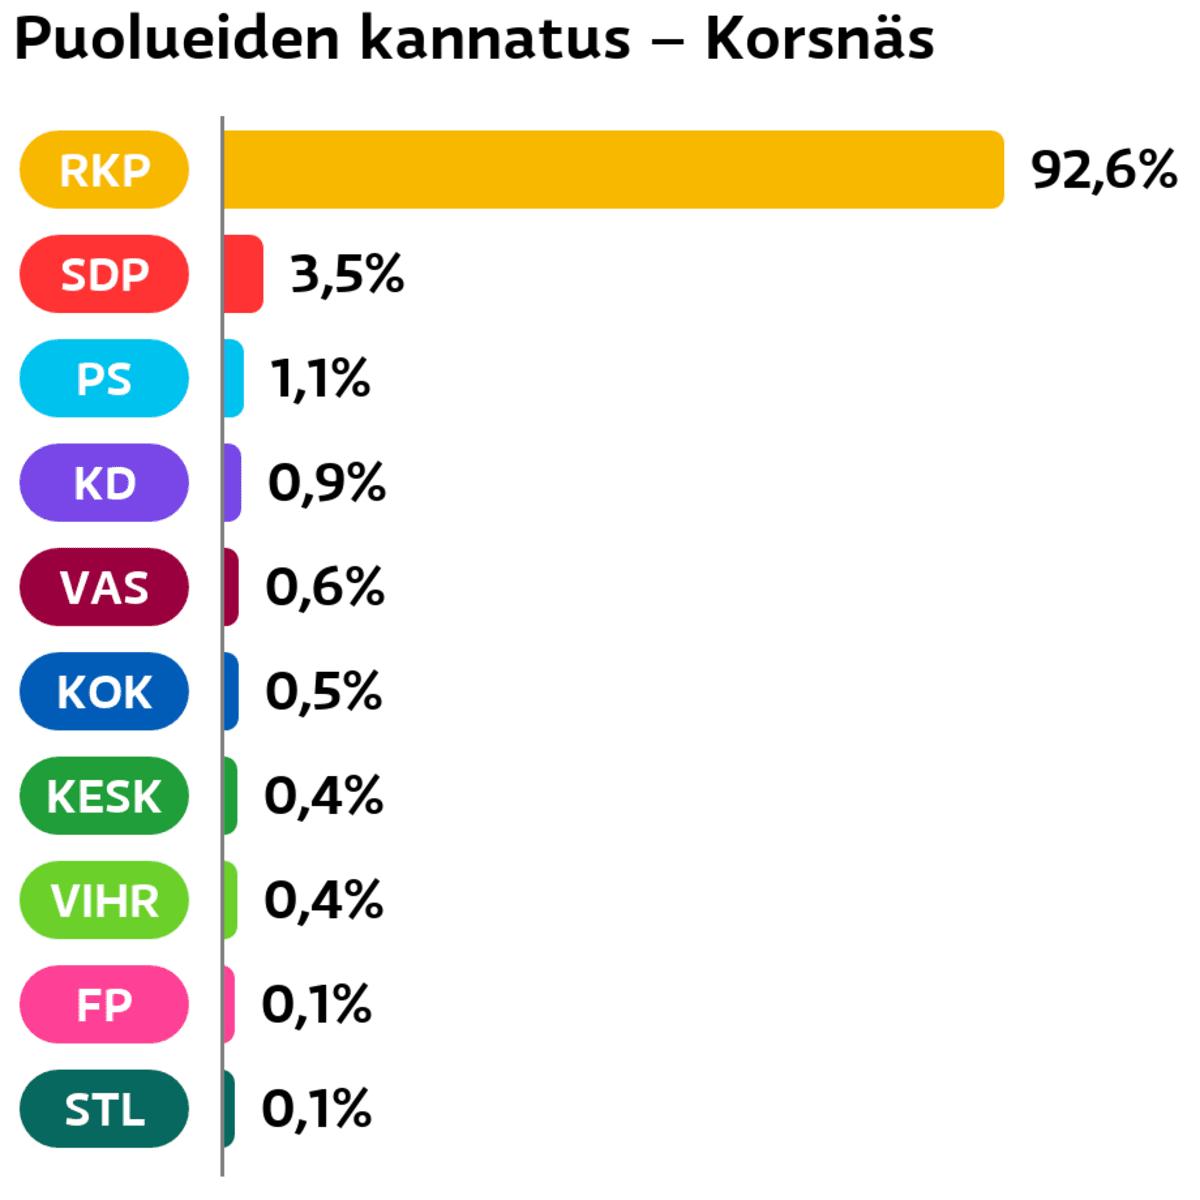 Puolueiden kannatus: Korsnäs RKP: 92,6 prosenttia SDP: 3,5 prosenttia Perussuomalaiset: 1,1 prosenttia Suomen Kristillisdemokraatit: 0,9 prosenttia Vasemmistoliitto: 0,6 prosenttia Kokoomus: 0,5 prosenttia Keskusta: 0,4 prosenttia Vihreät: 0,4 prosenttia Feministinen puolue: 0,1 prosenttia Tähtiliike: 0,1 prosenttia